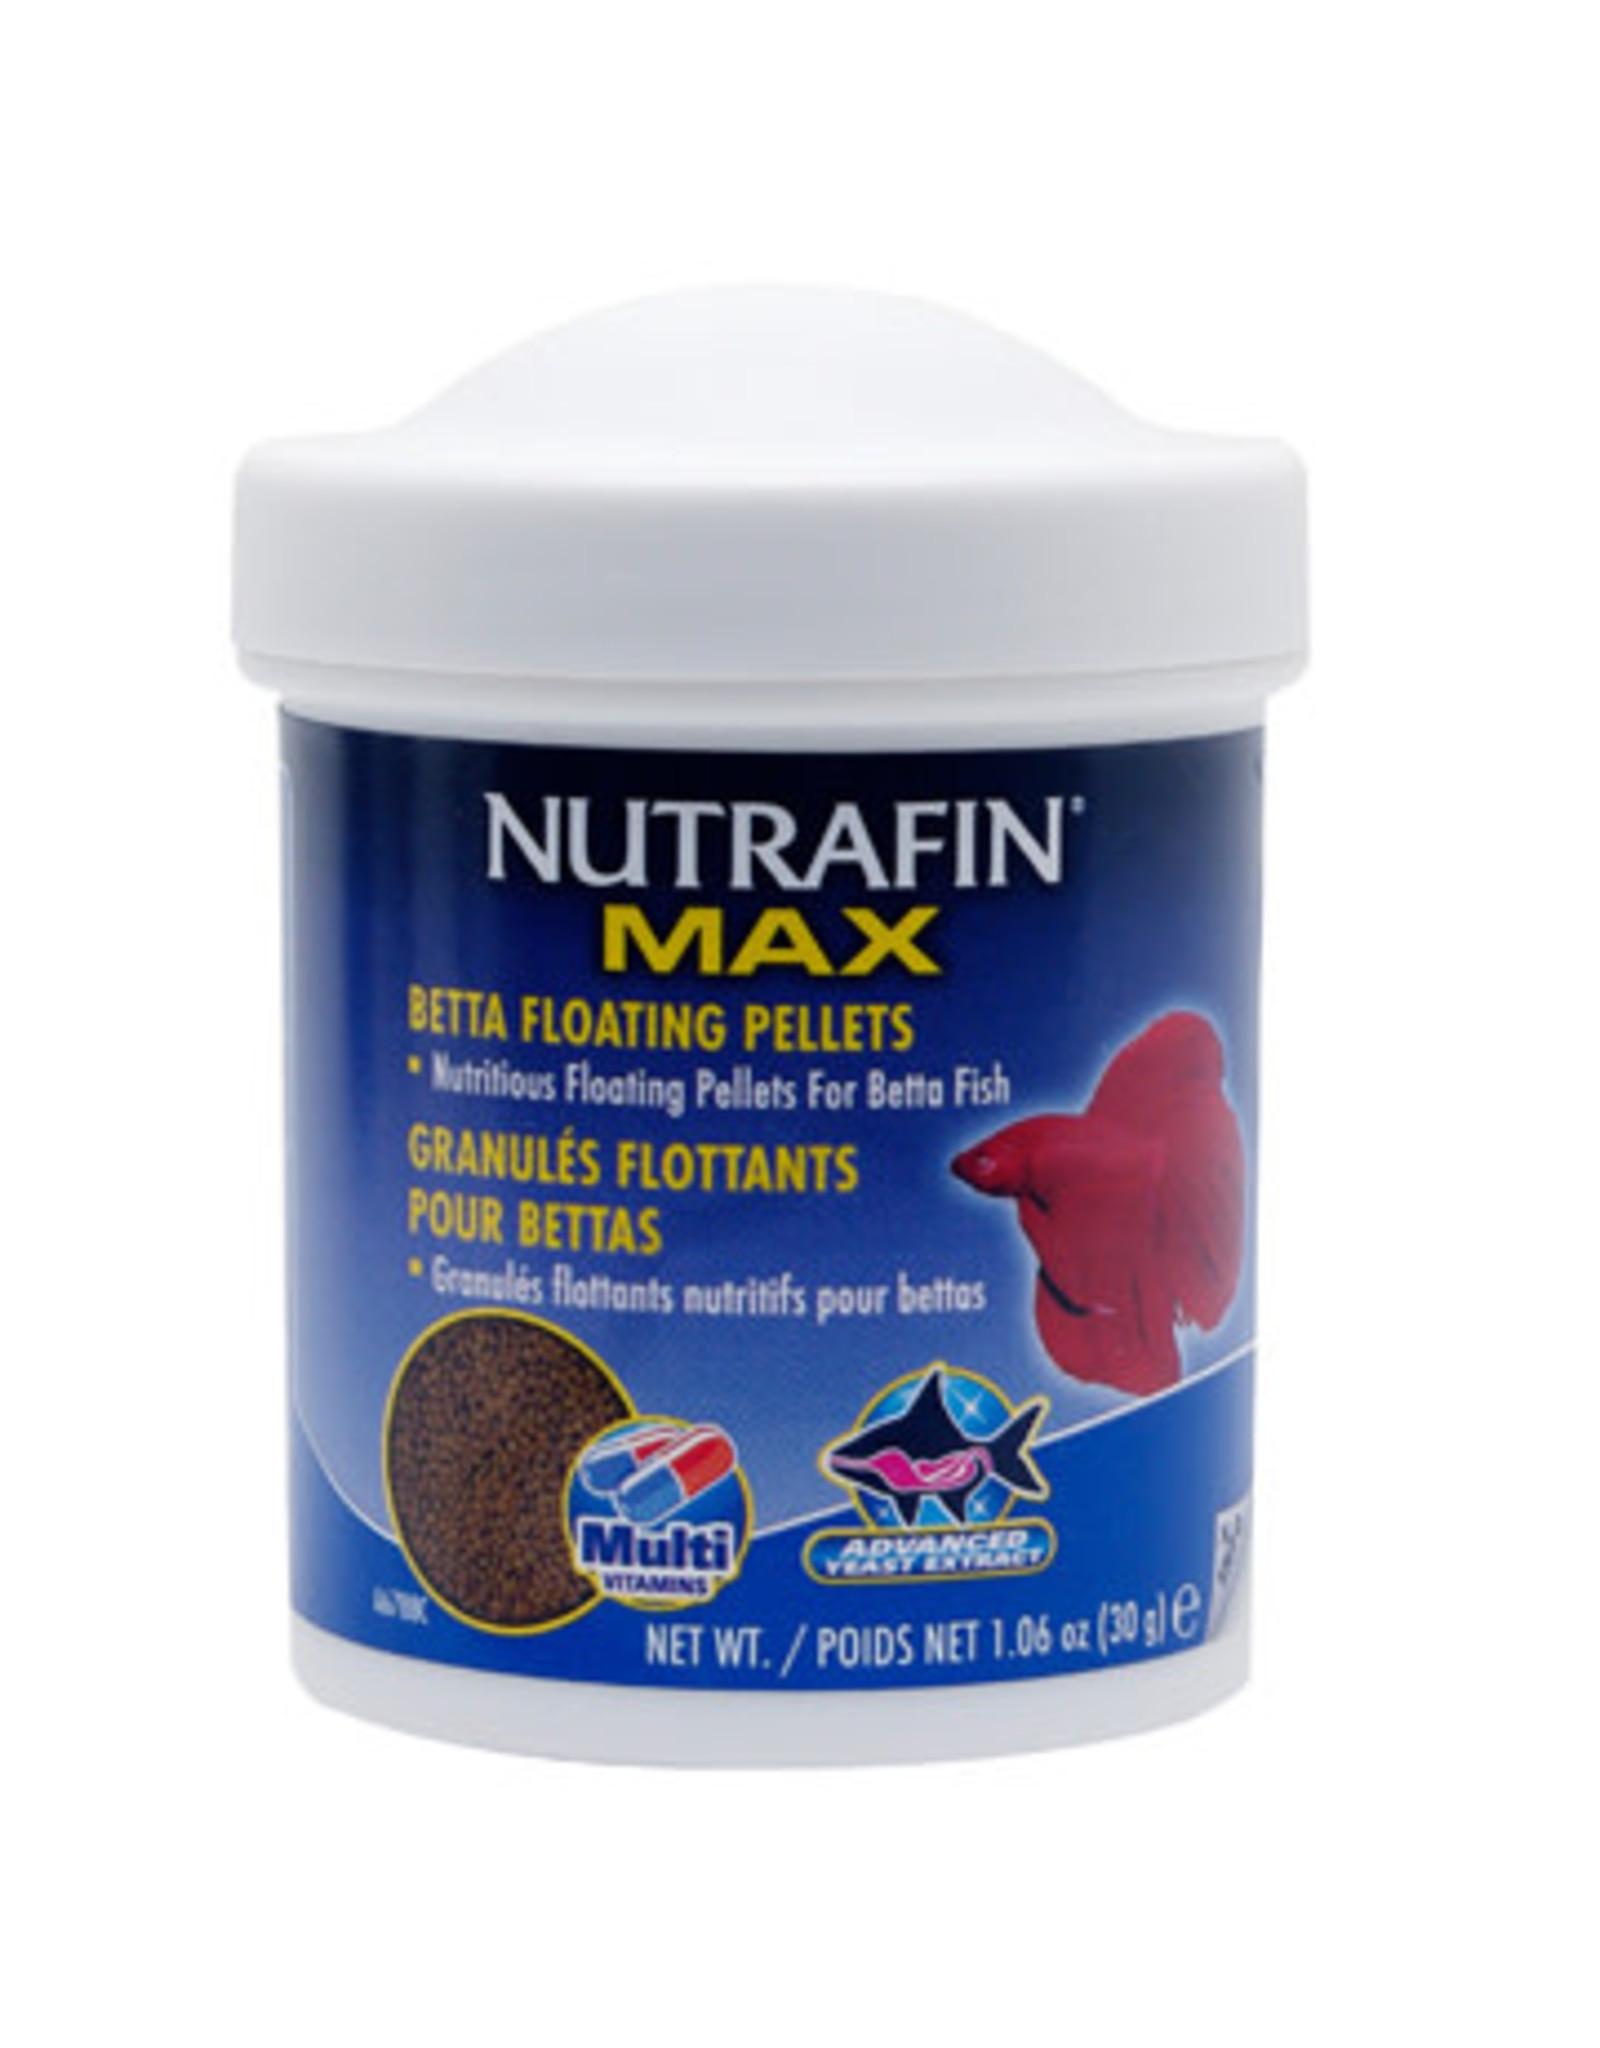 Nutrafin Nutrafin Max Betta Floating Pellets 30 g (1.06 oz)